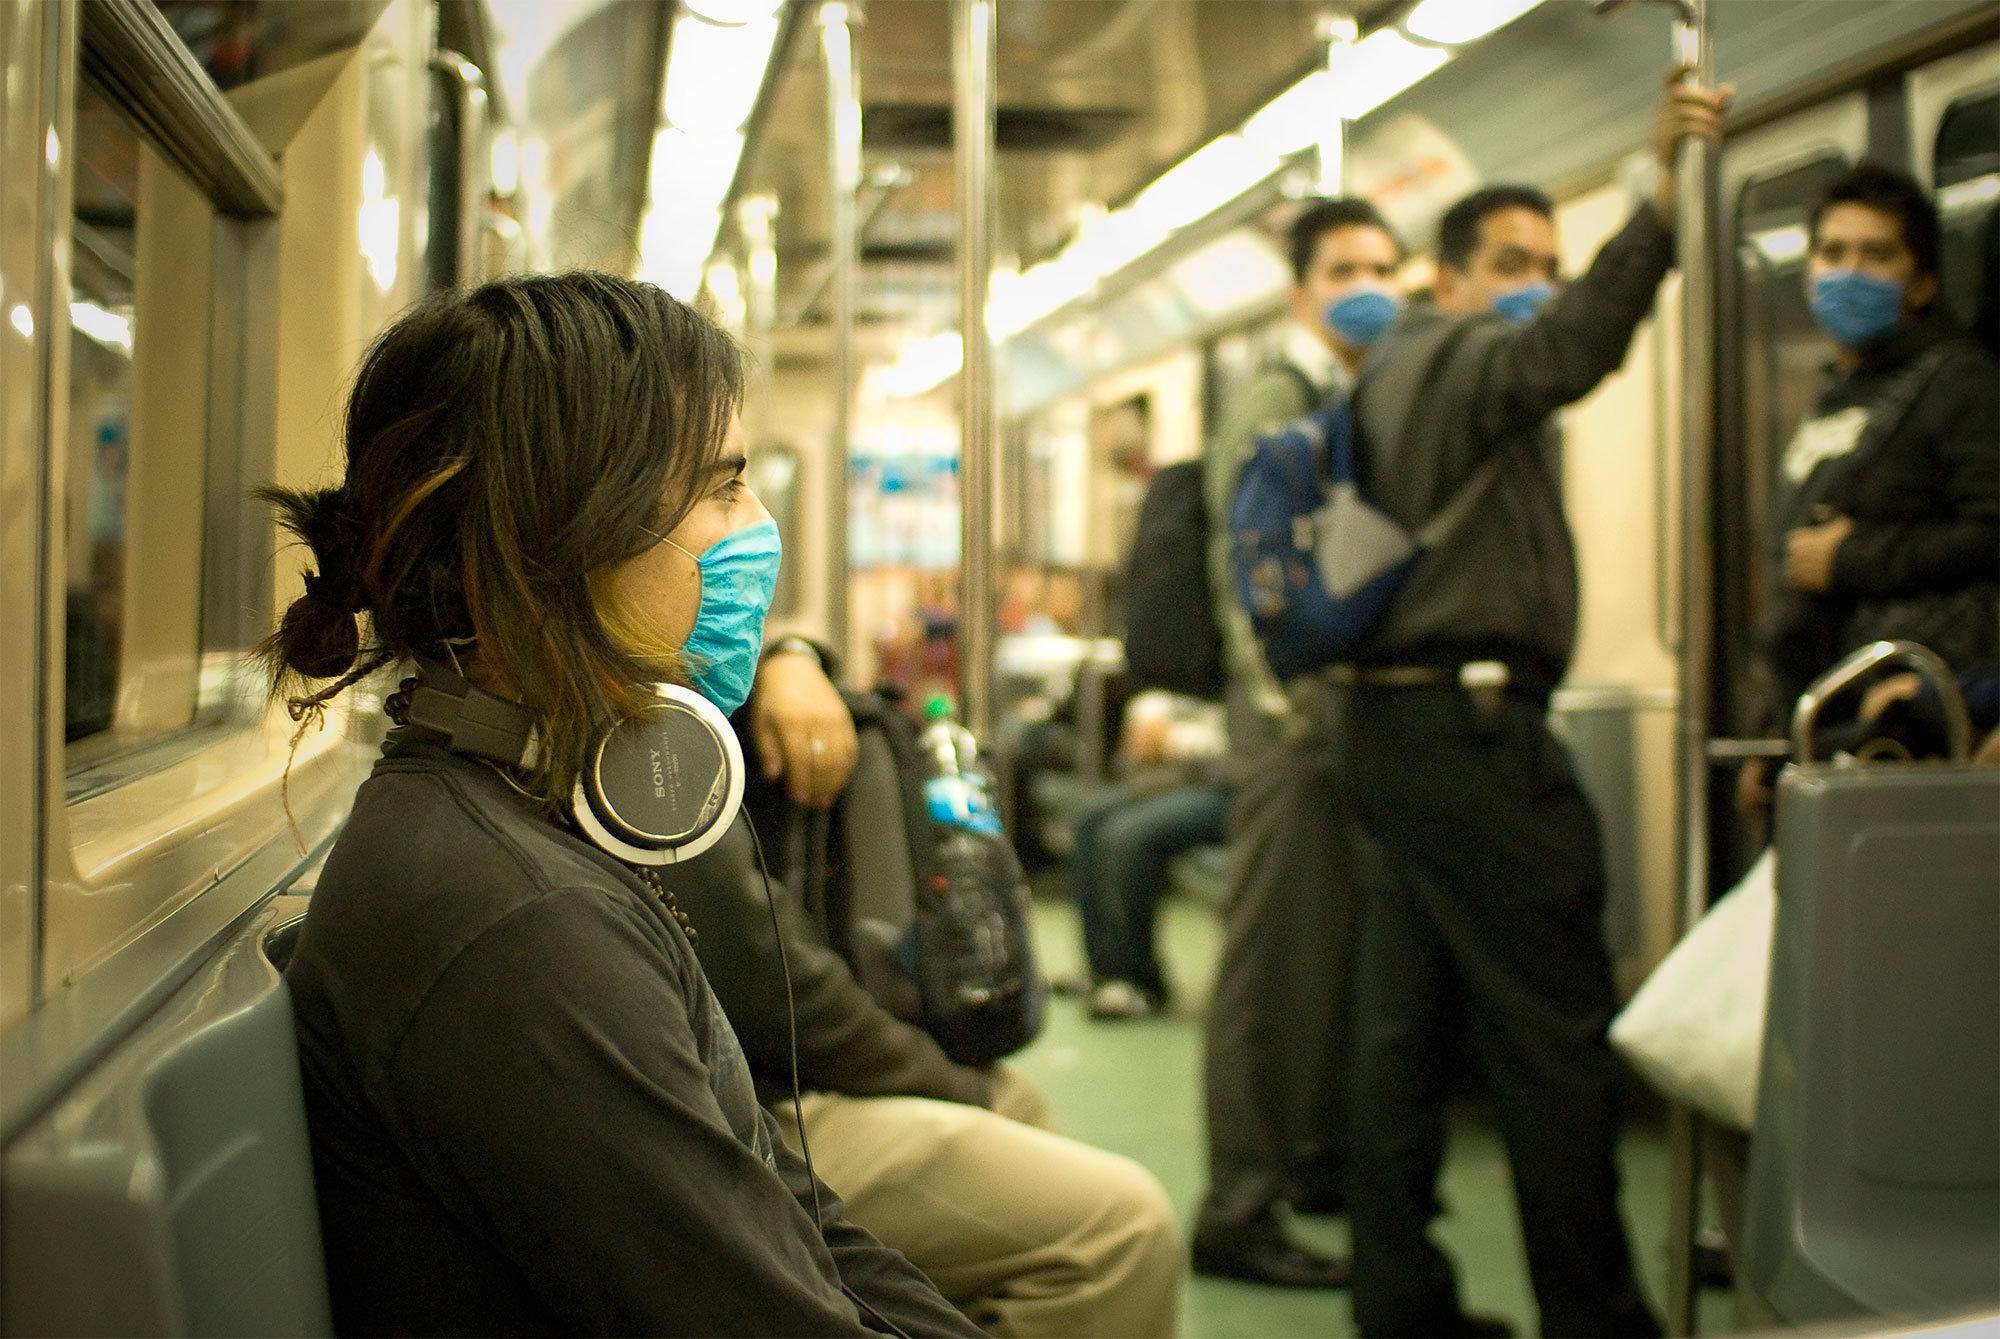 Personer i tunnelbanan med munskydd